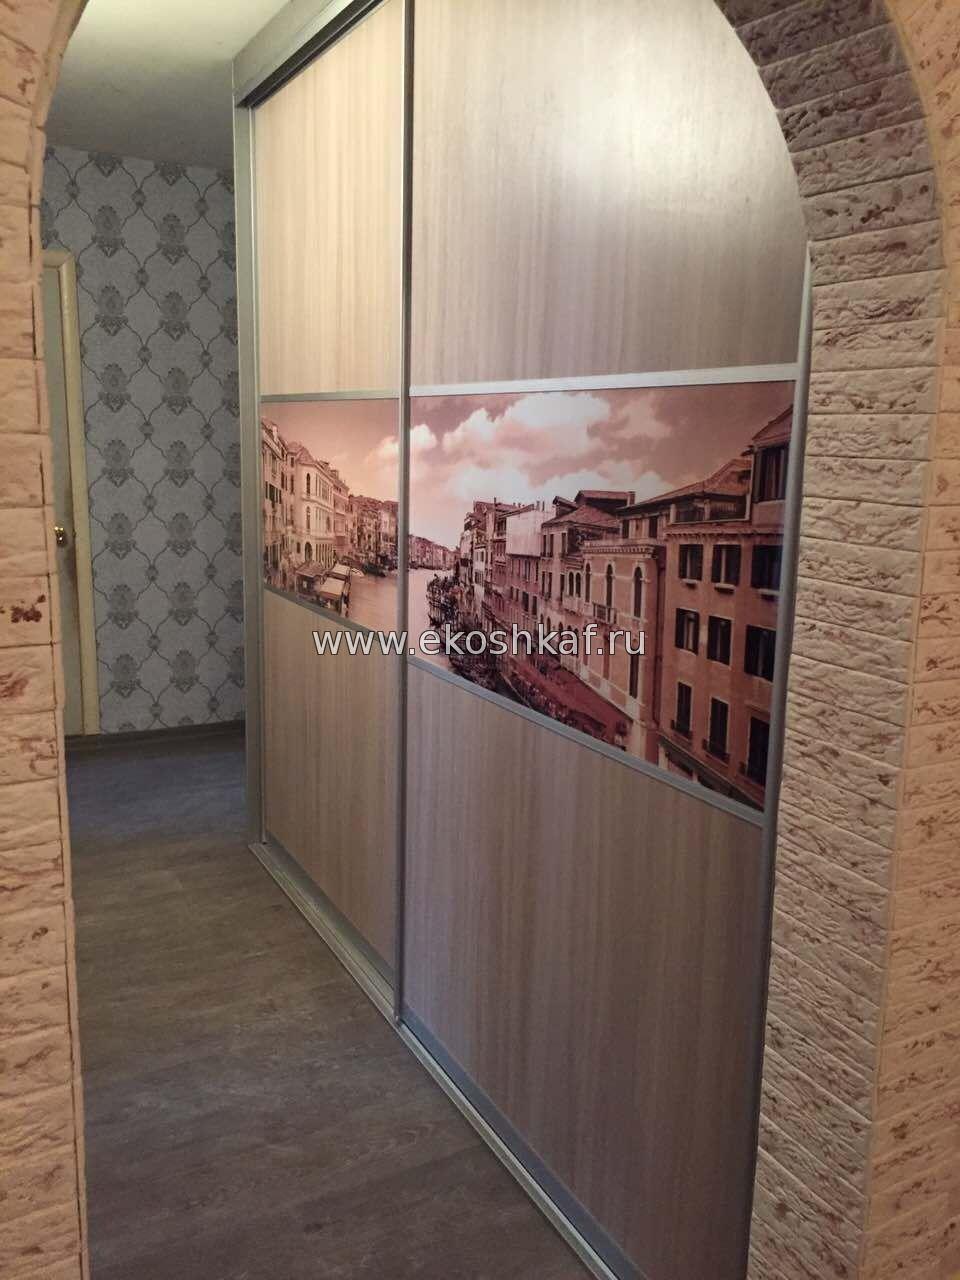 Заказать шкаф-купе от производителя в Москве